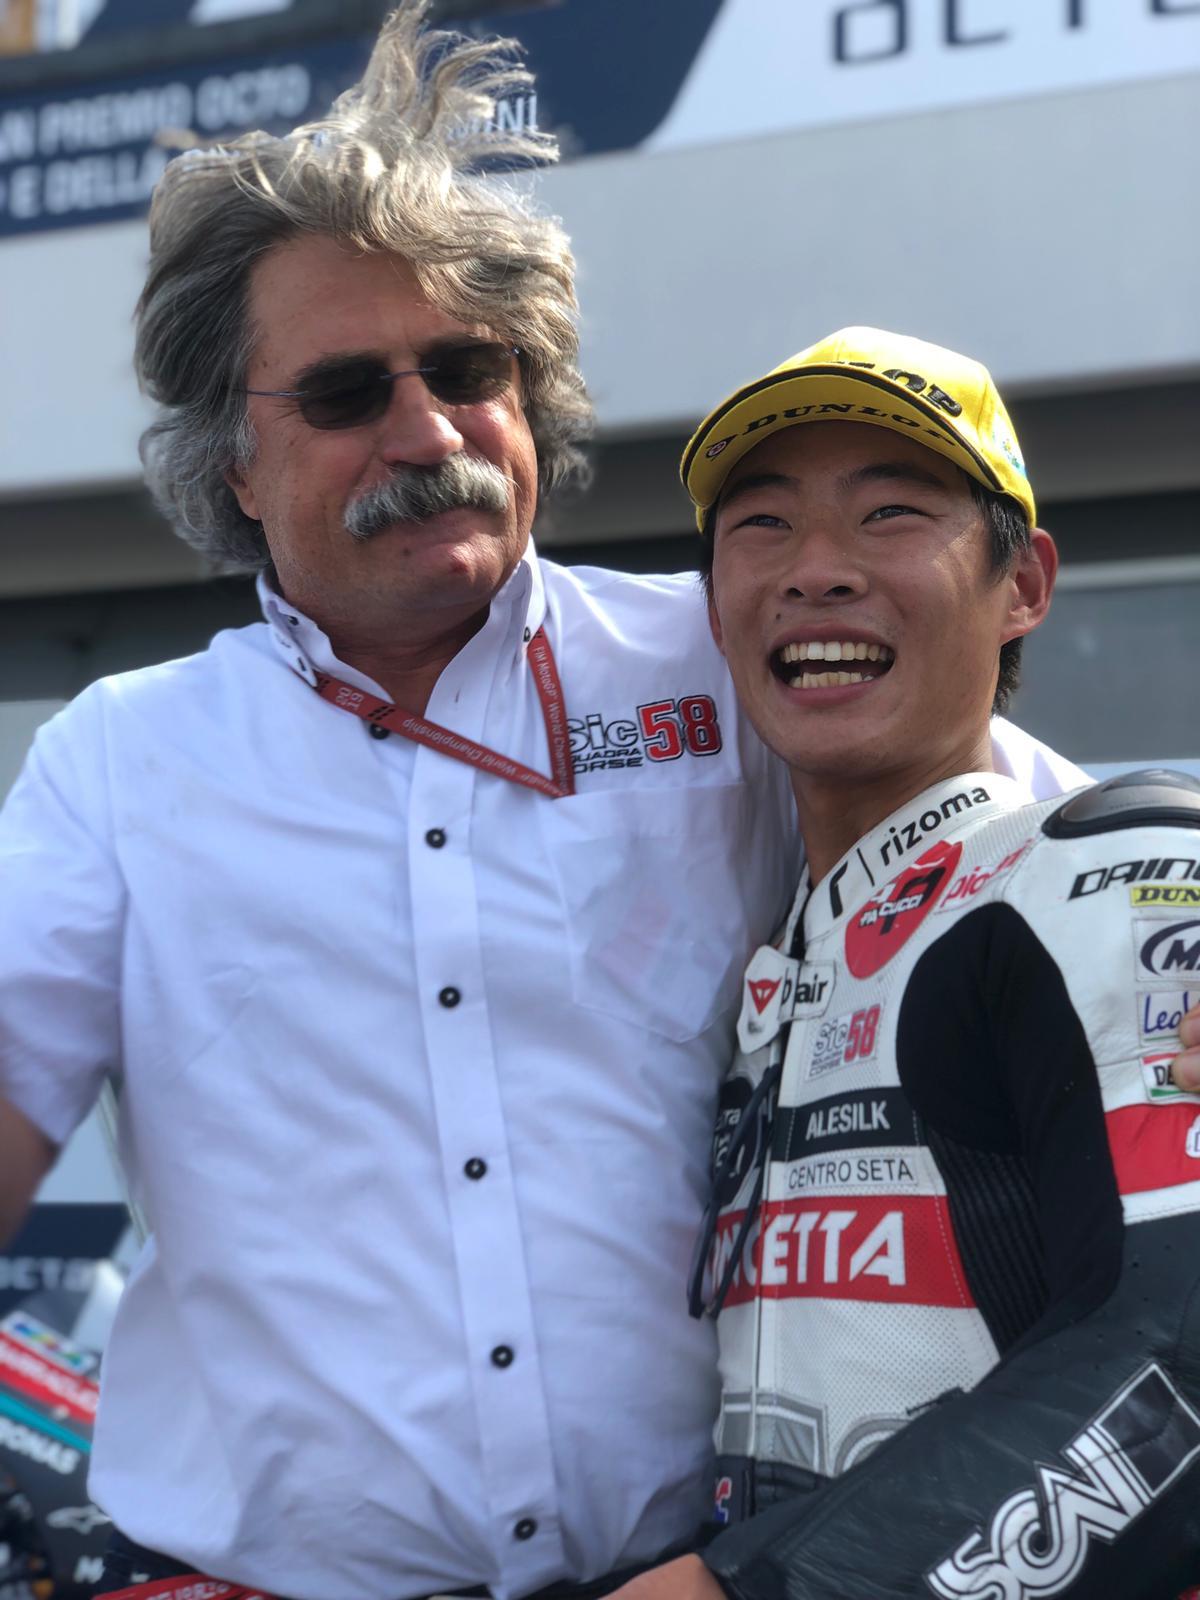 Výsledky závodů MotoGP San Marina a riviéry Rimini 2019